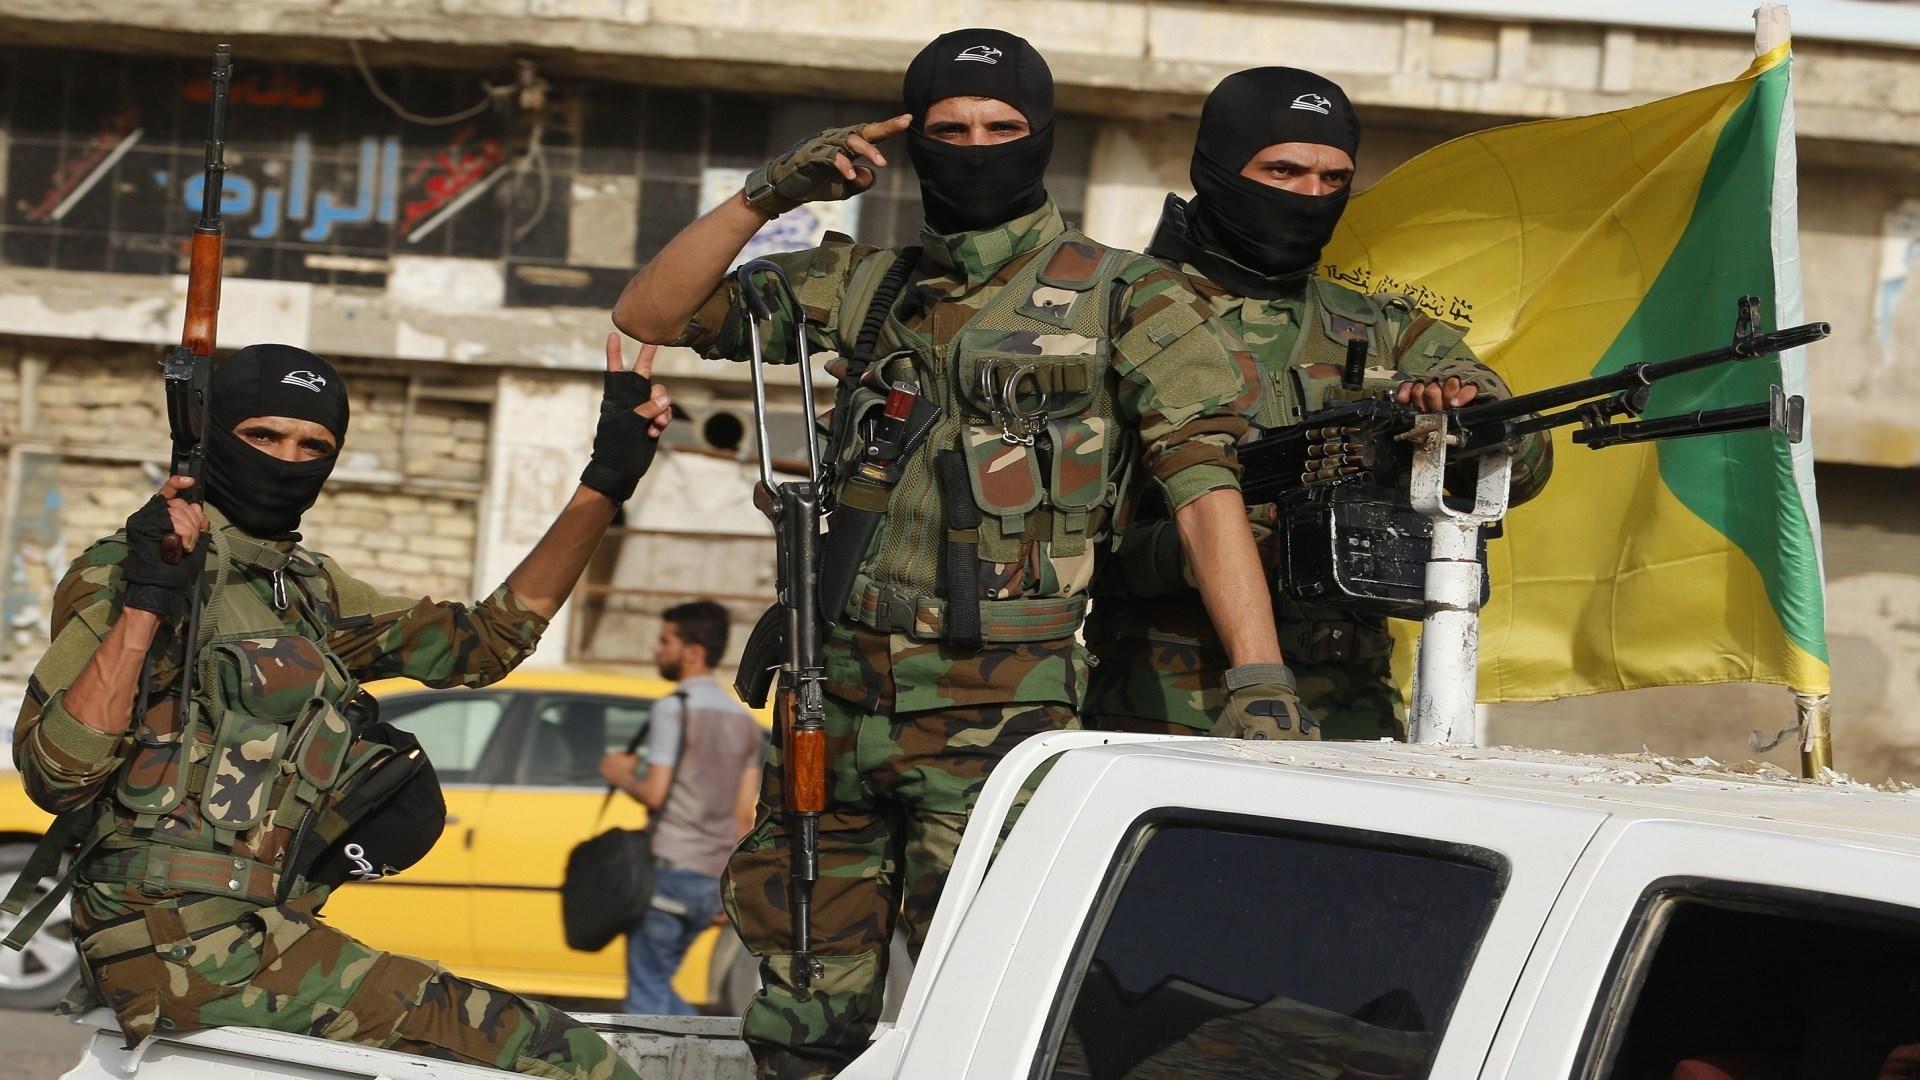 كتائب حزب الله - العراق: على الكاظمي أن لا يختبر صبر المقاومة